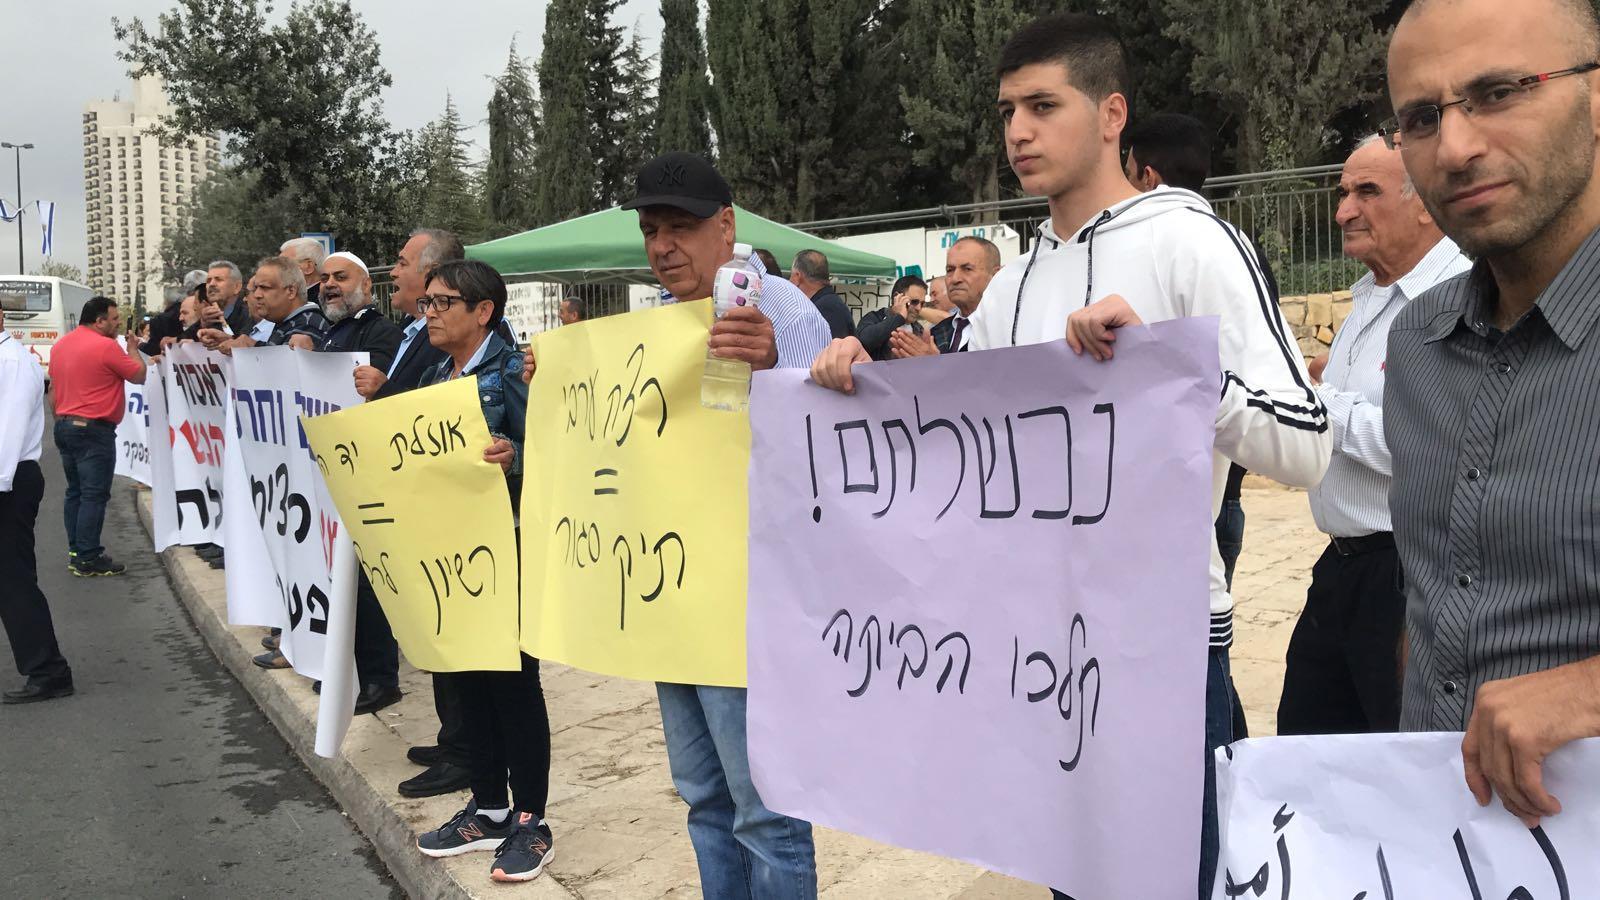 """أهالي الطيرة يتظاهرون بالقدس: """"يا بوليس دمنا مش رخيص"""""""